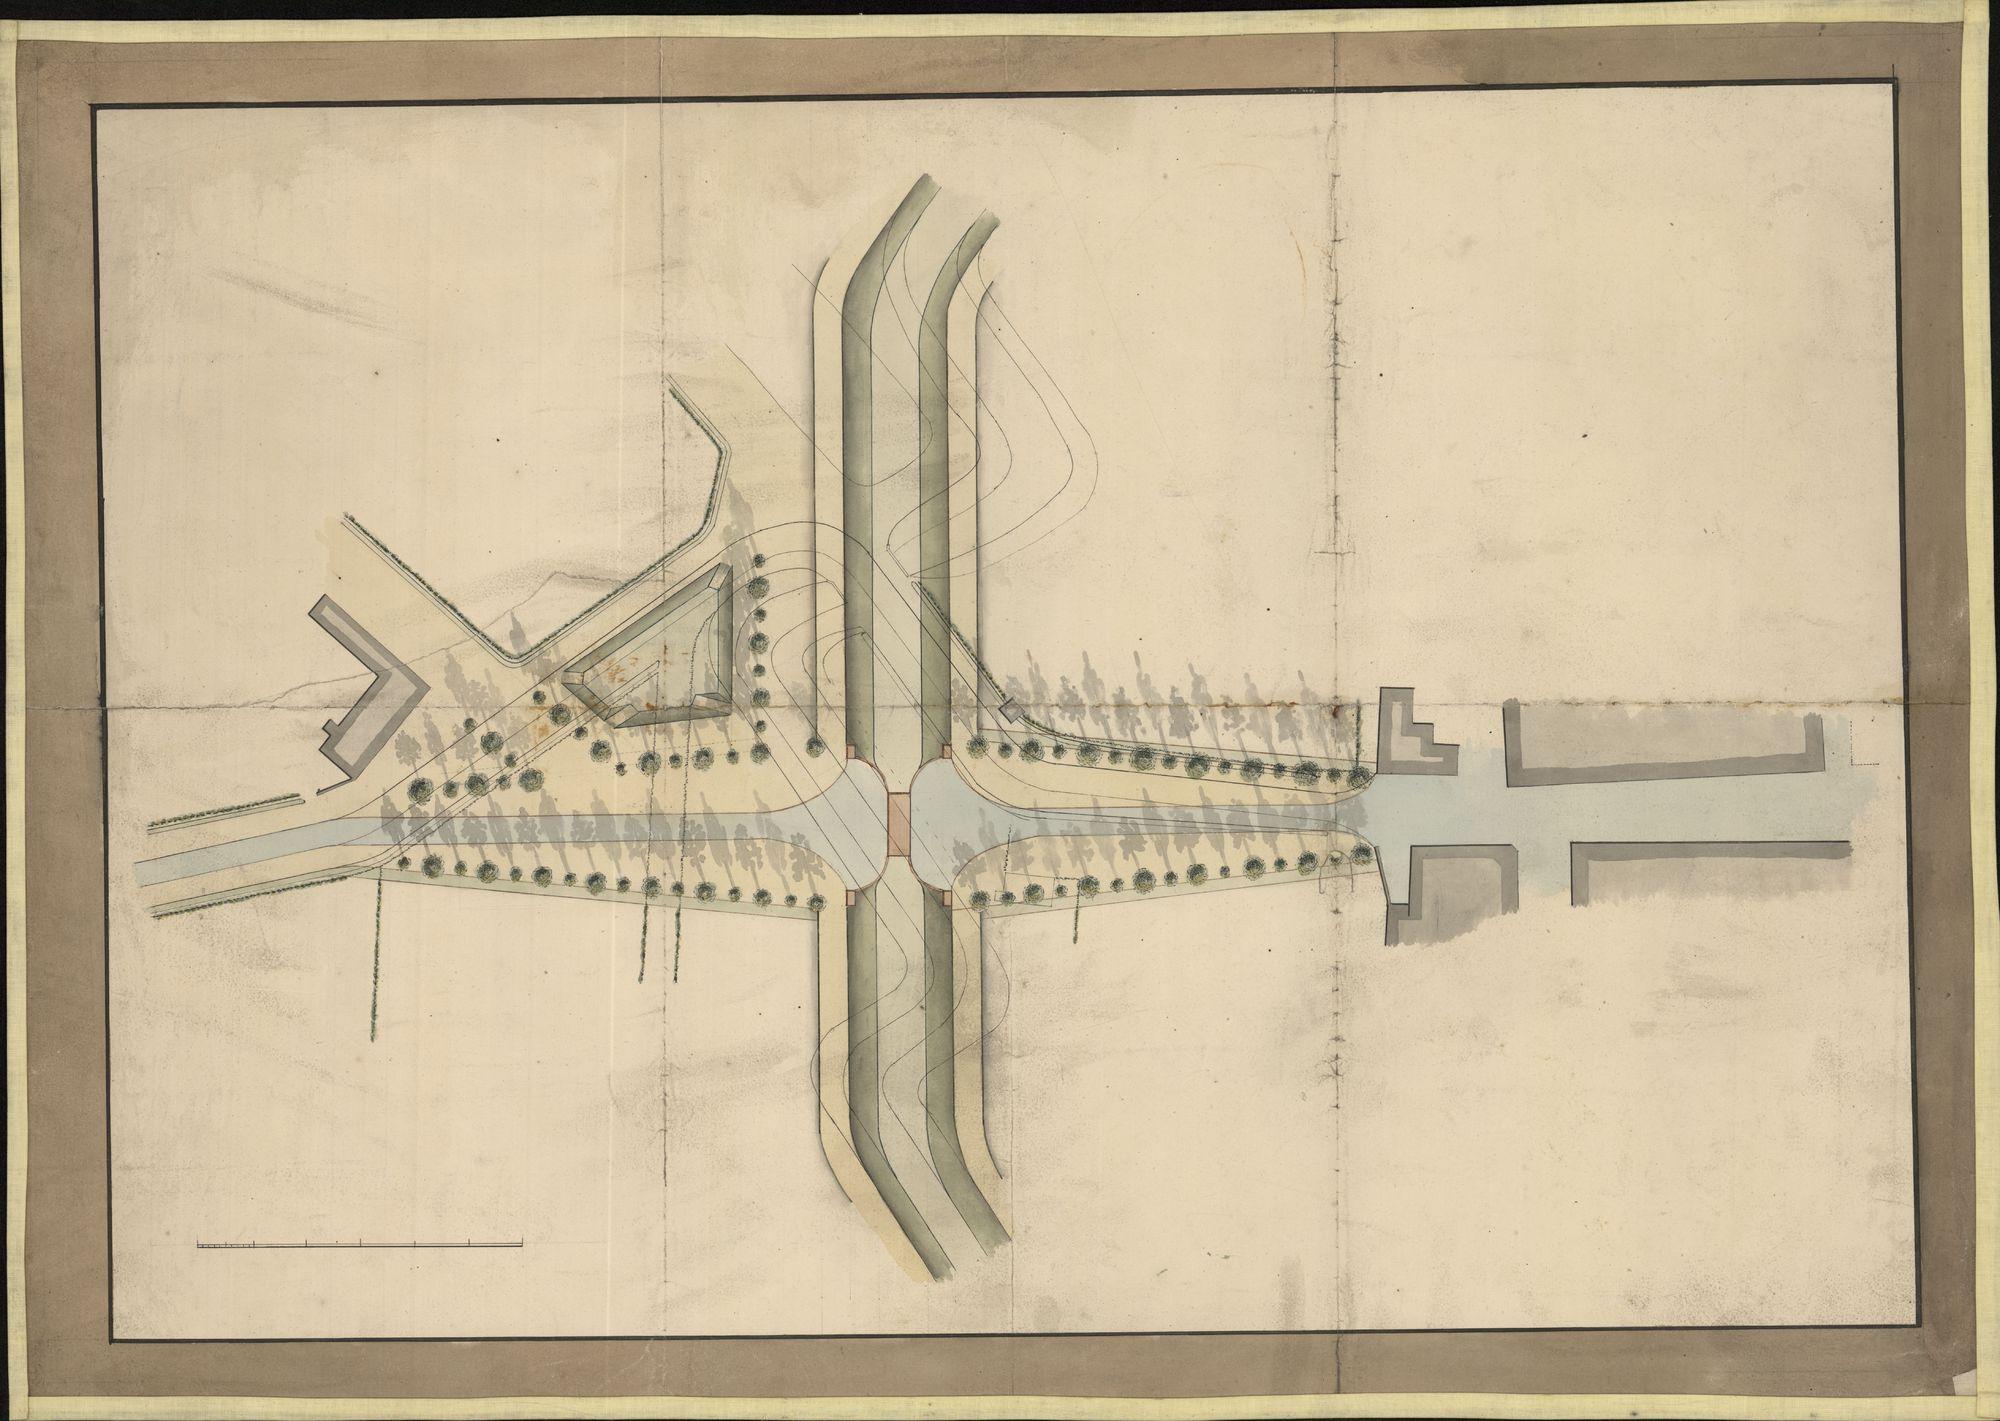 Bouwplan met ontwerp i.v.m. de herinrichting van een brug en weg te Kortrijk (?), 19de eeuw